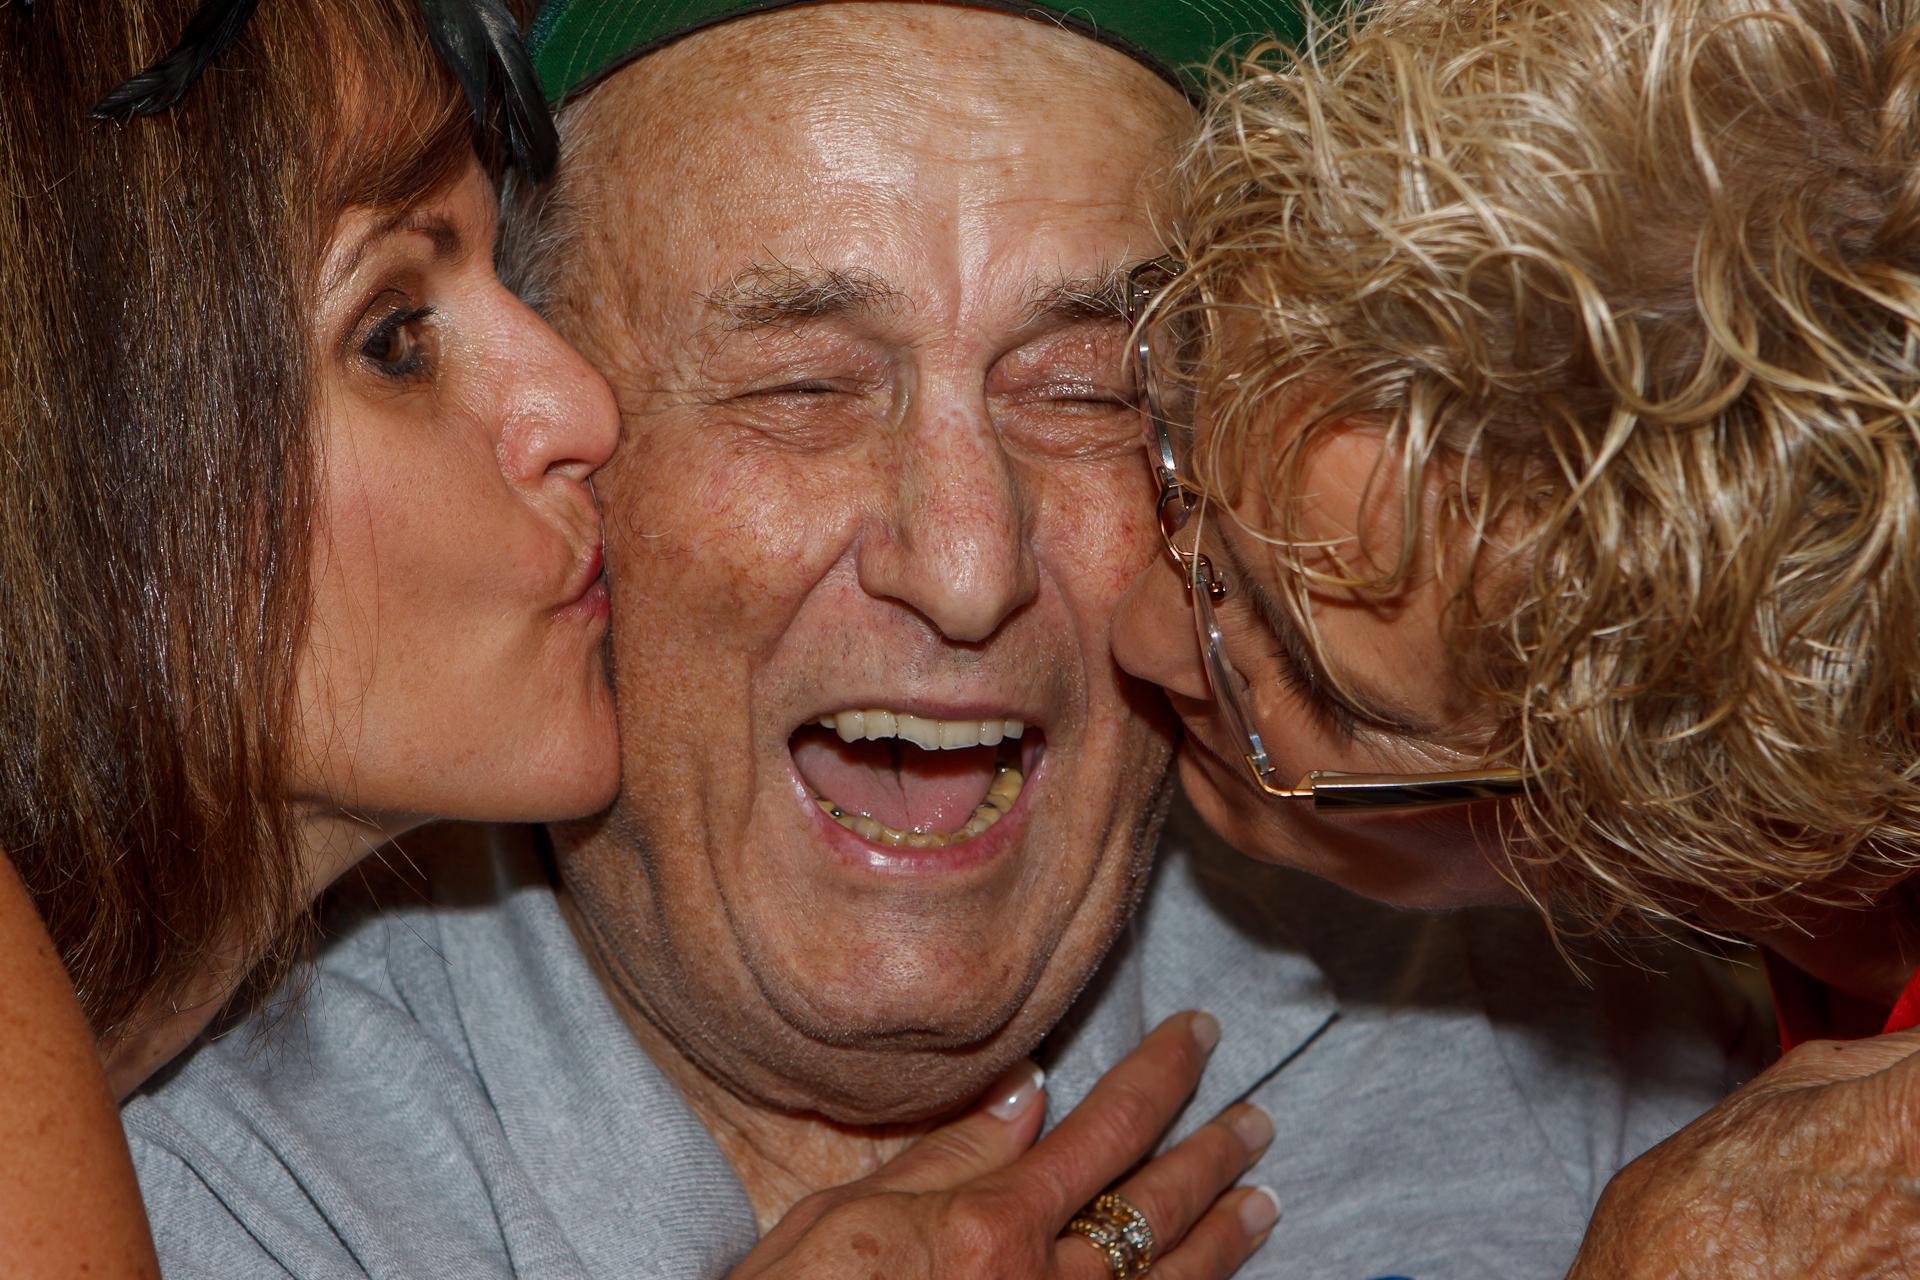 WWII, vet,kiss,